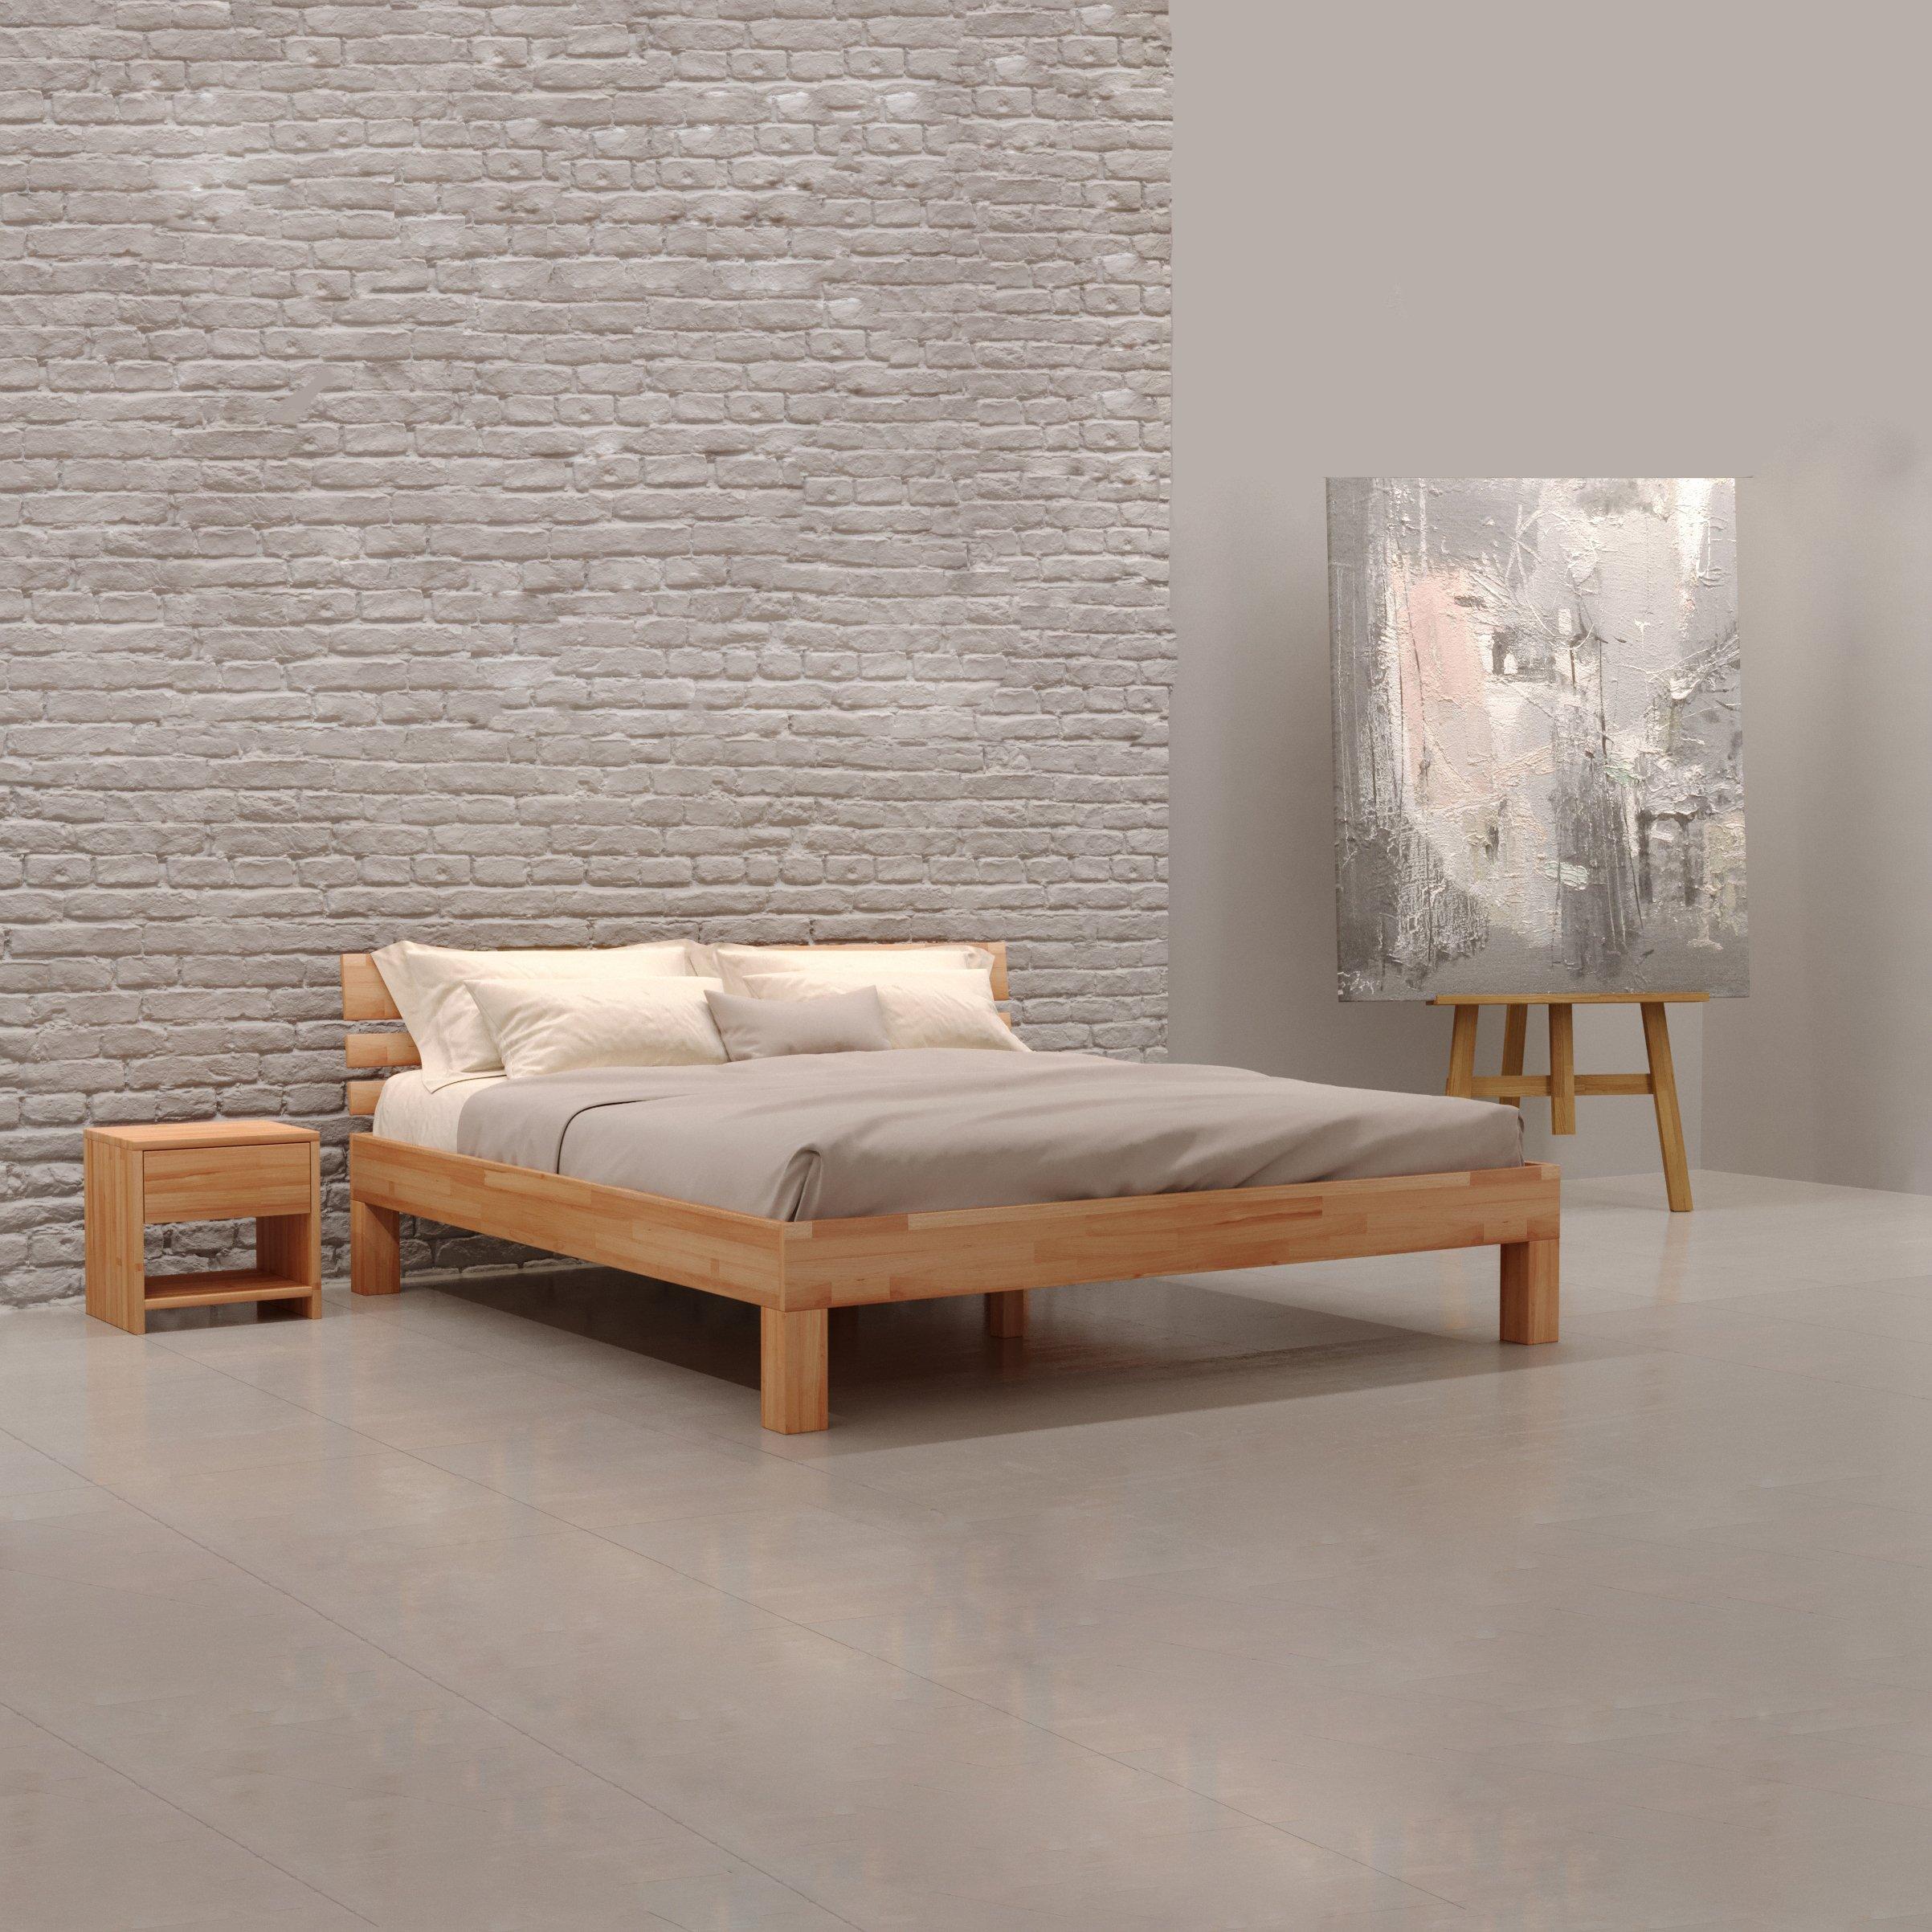 Full Size of Am Besten Bewertete Produkte In Der Kategorie Betten Amazonde Designer Schlafzimmer Komplett Massivholz Bett 90x190 Kopfteil 120x200 Mit Lattenrost Ohne Bett Bett 160x200 Komplett